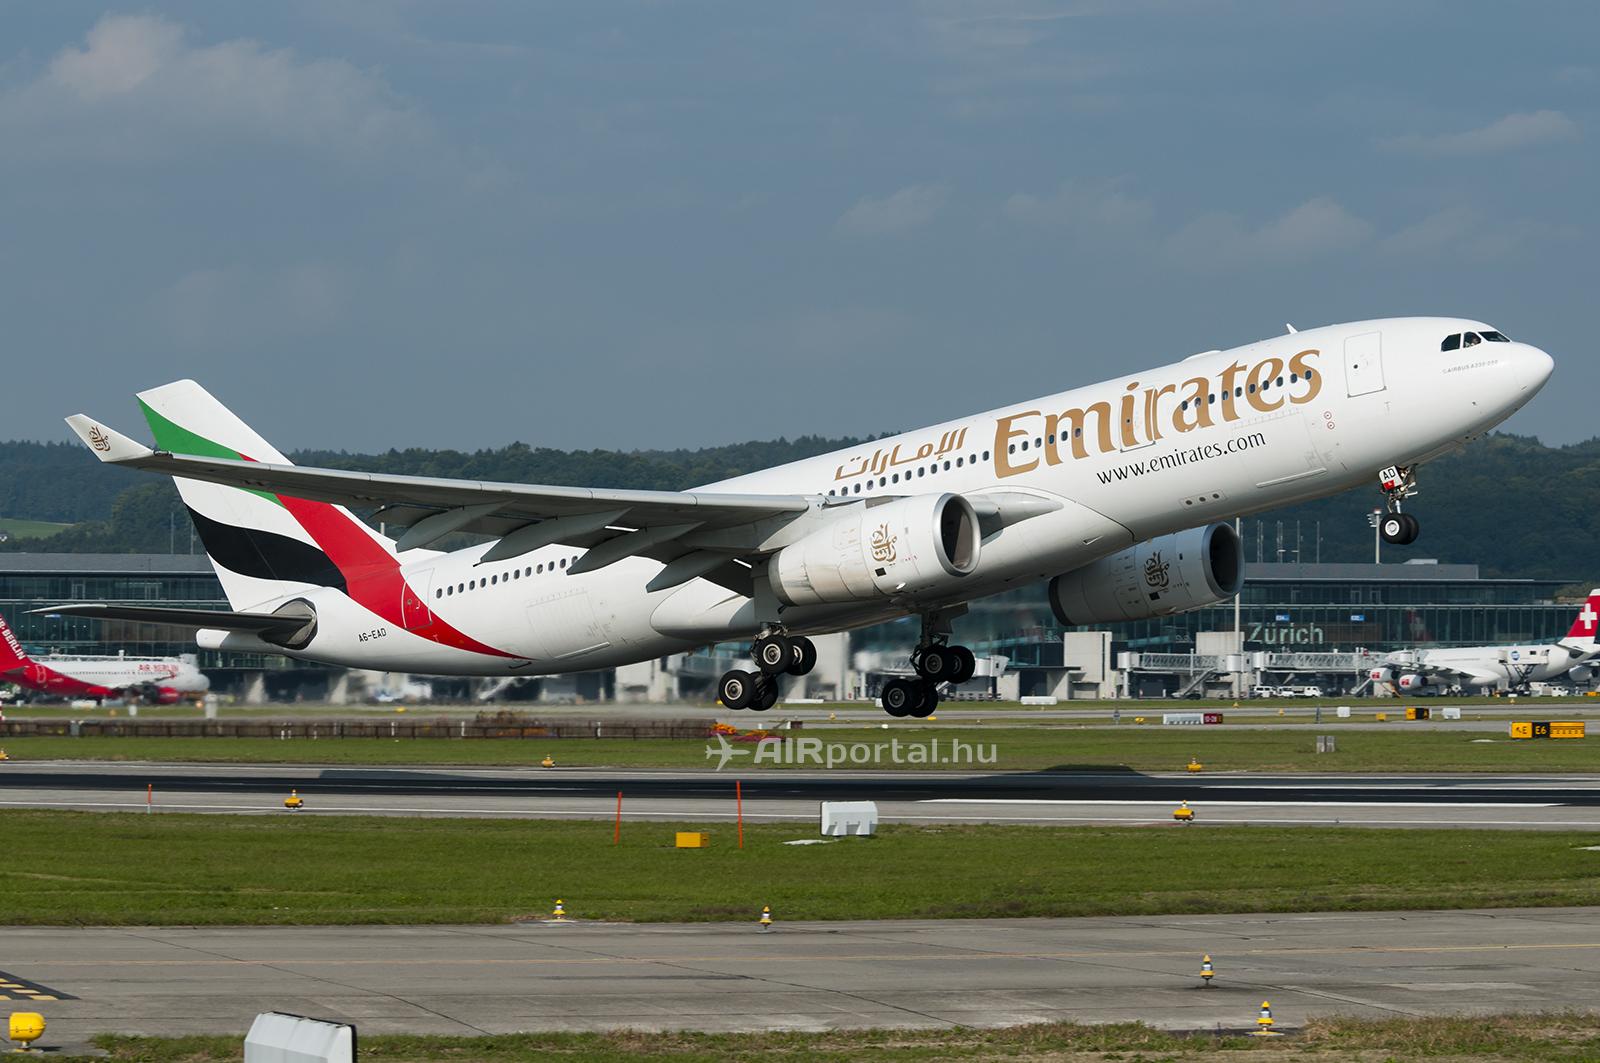 Emirates Airbus A330-200-as a zürichi repülőtéren. Ilyen géptípussal indul a napi rendszerességű budapesti járat is. (Fotó: Bodorics Tamás - AIRportal.hu) | © AIRportal.hu